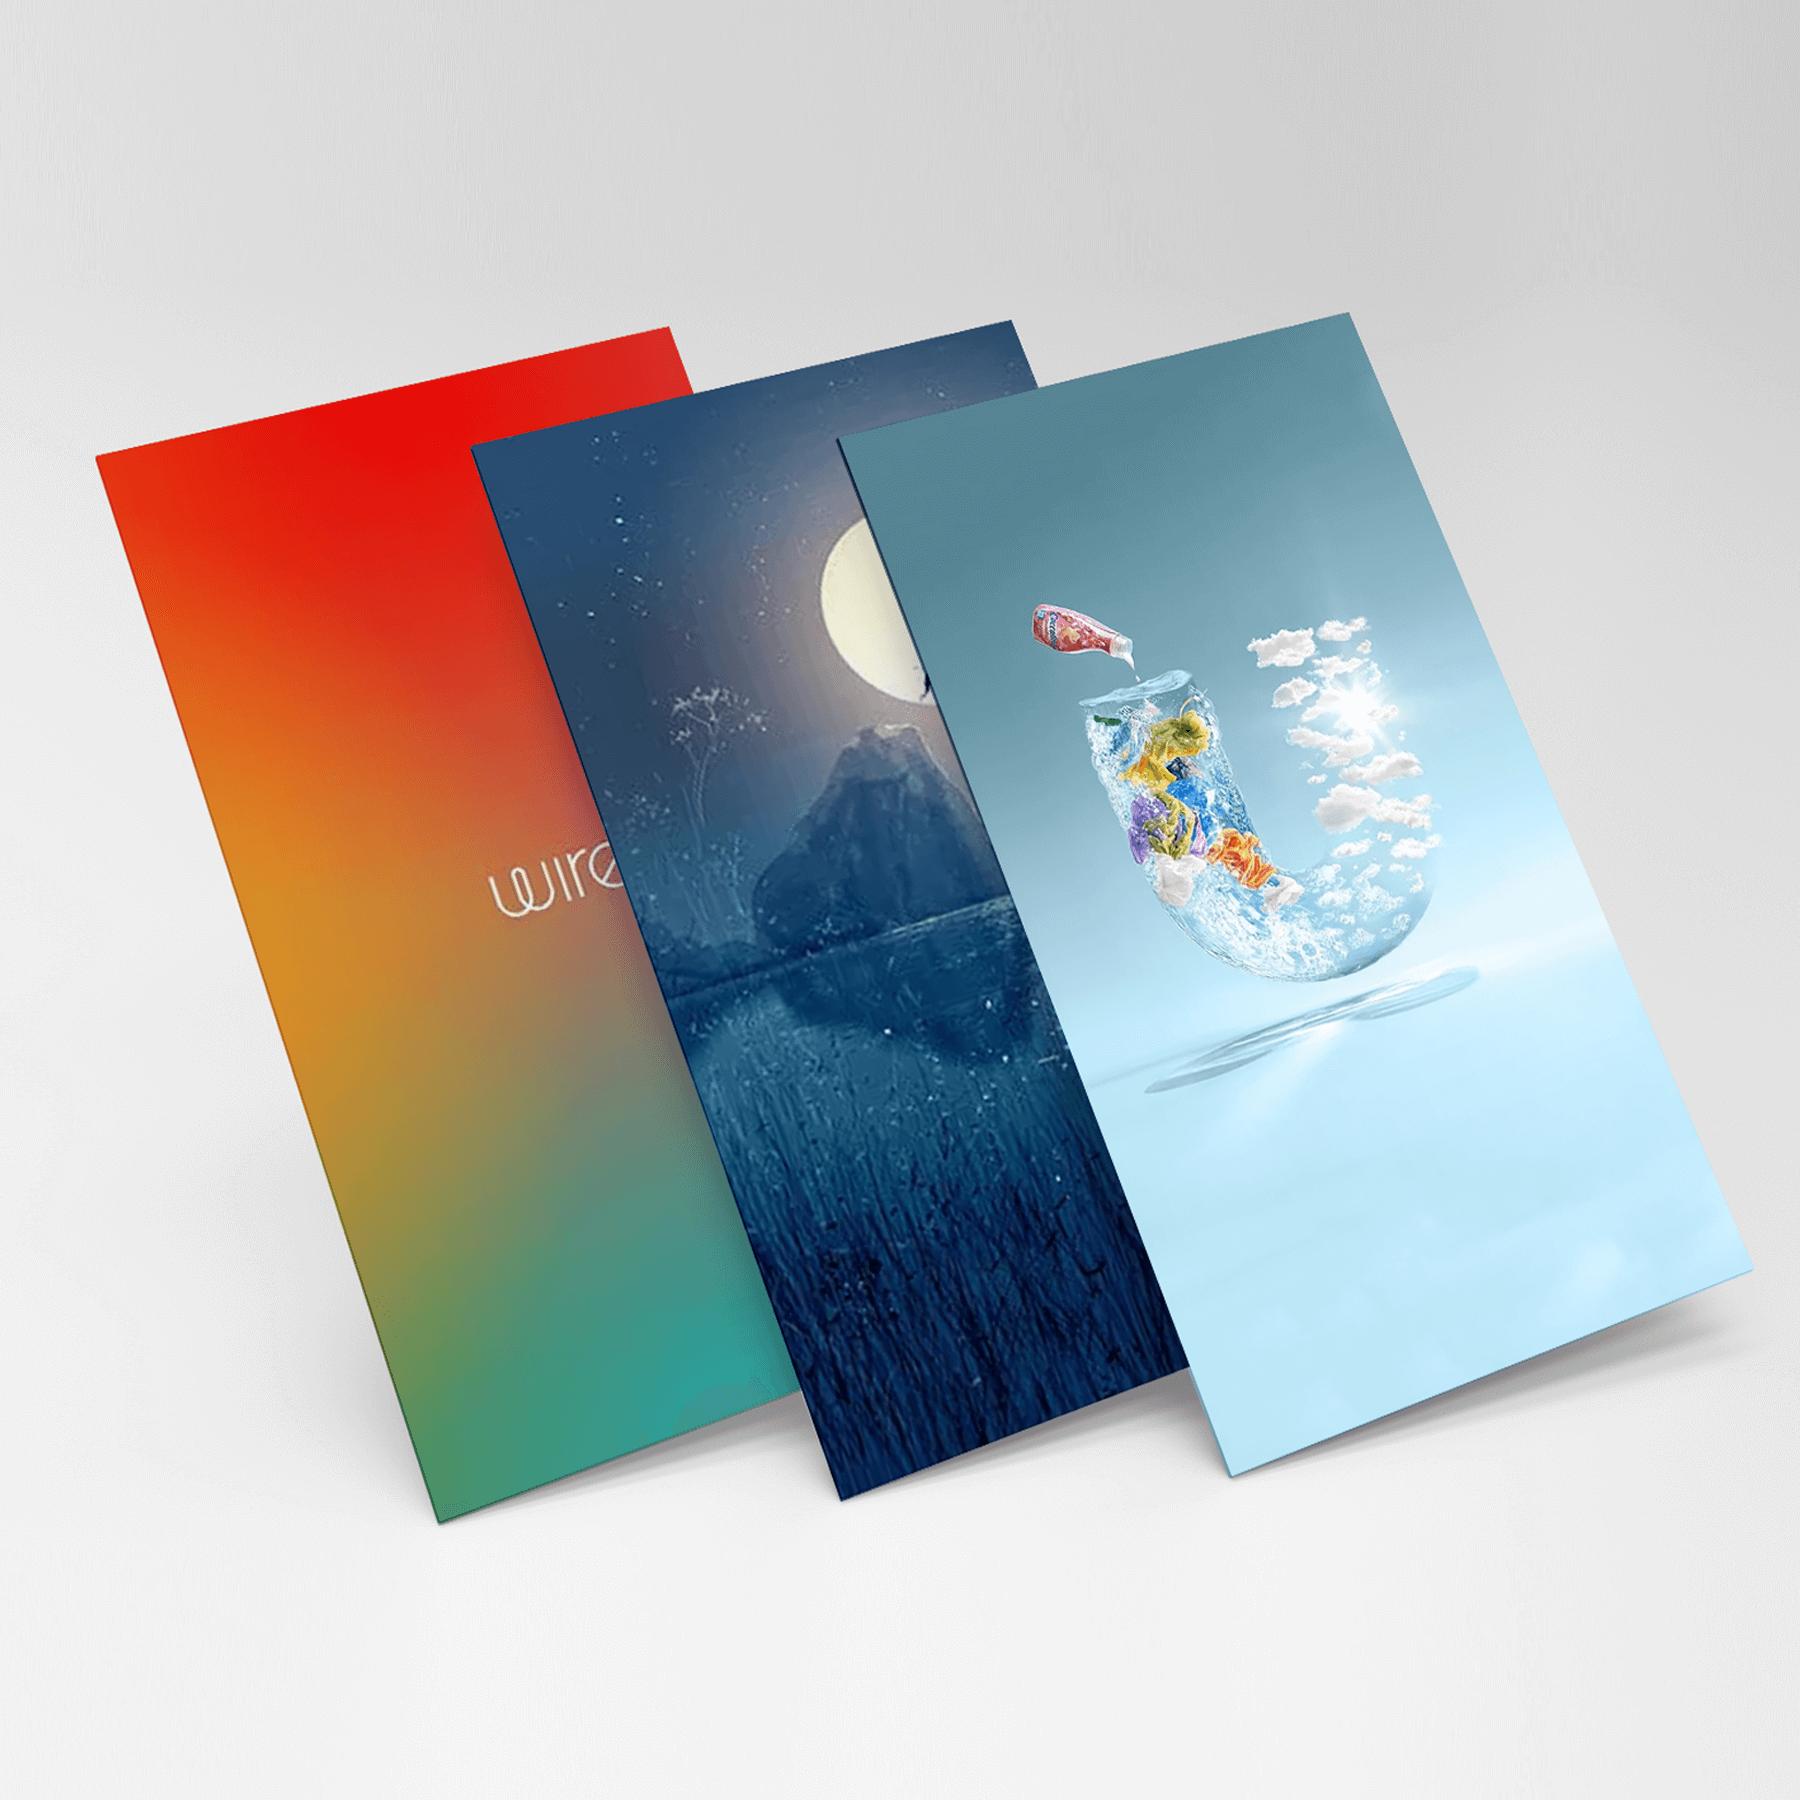 平面設計-廣告設計3張圖